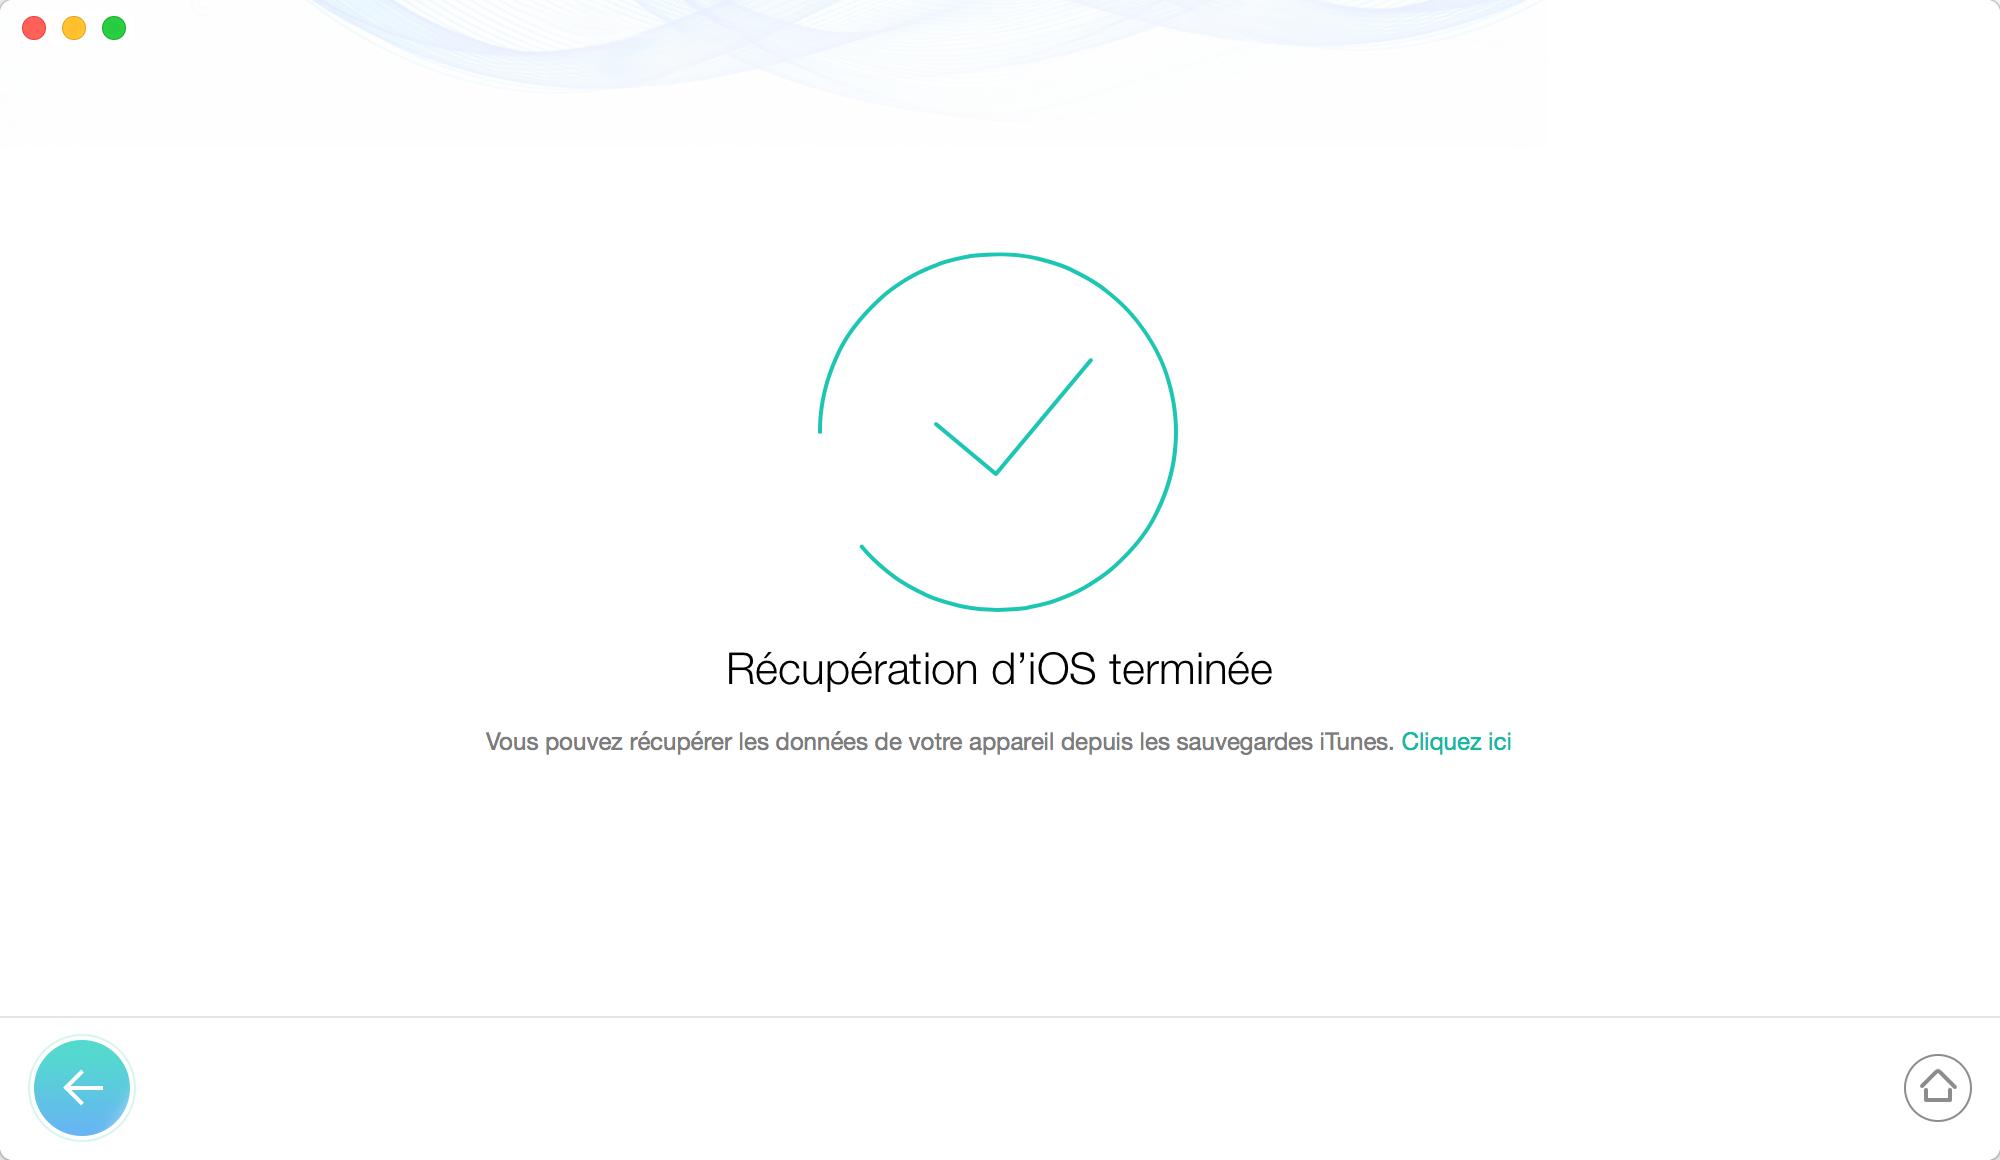 Débloquer l'iPhone reste bloqué sur pomme – étape 6